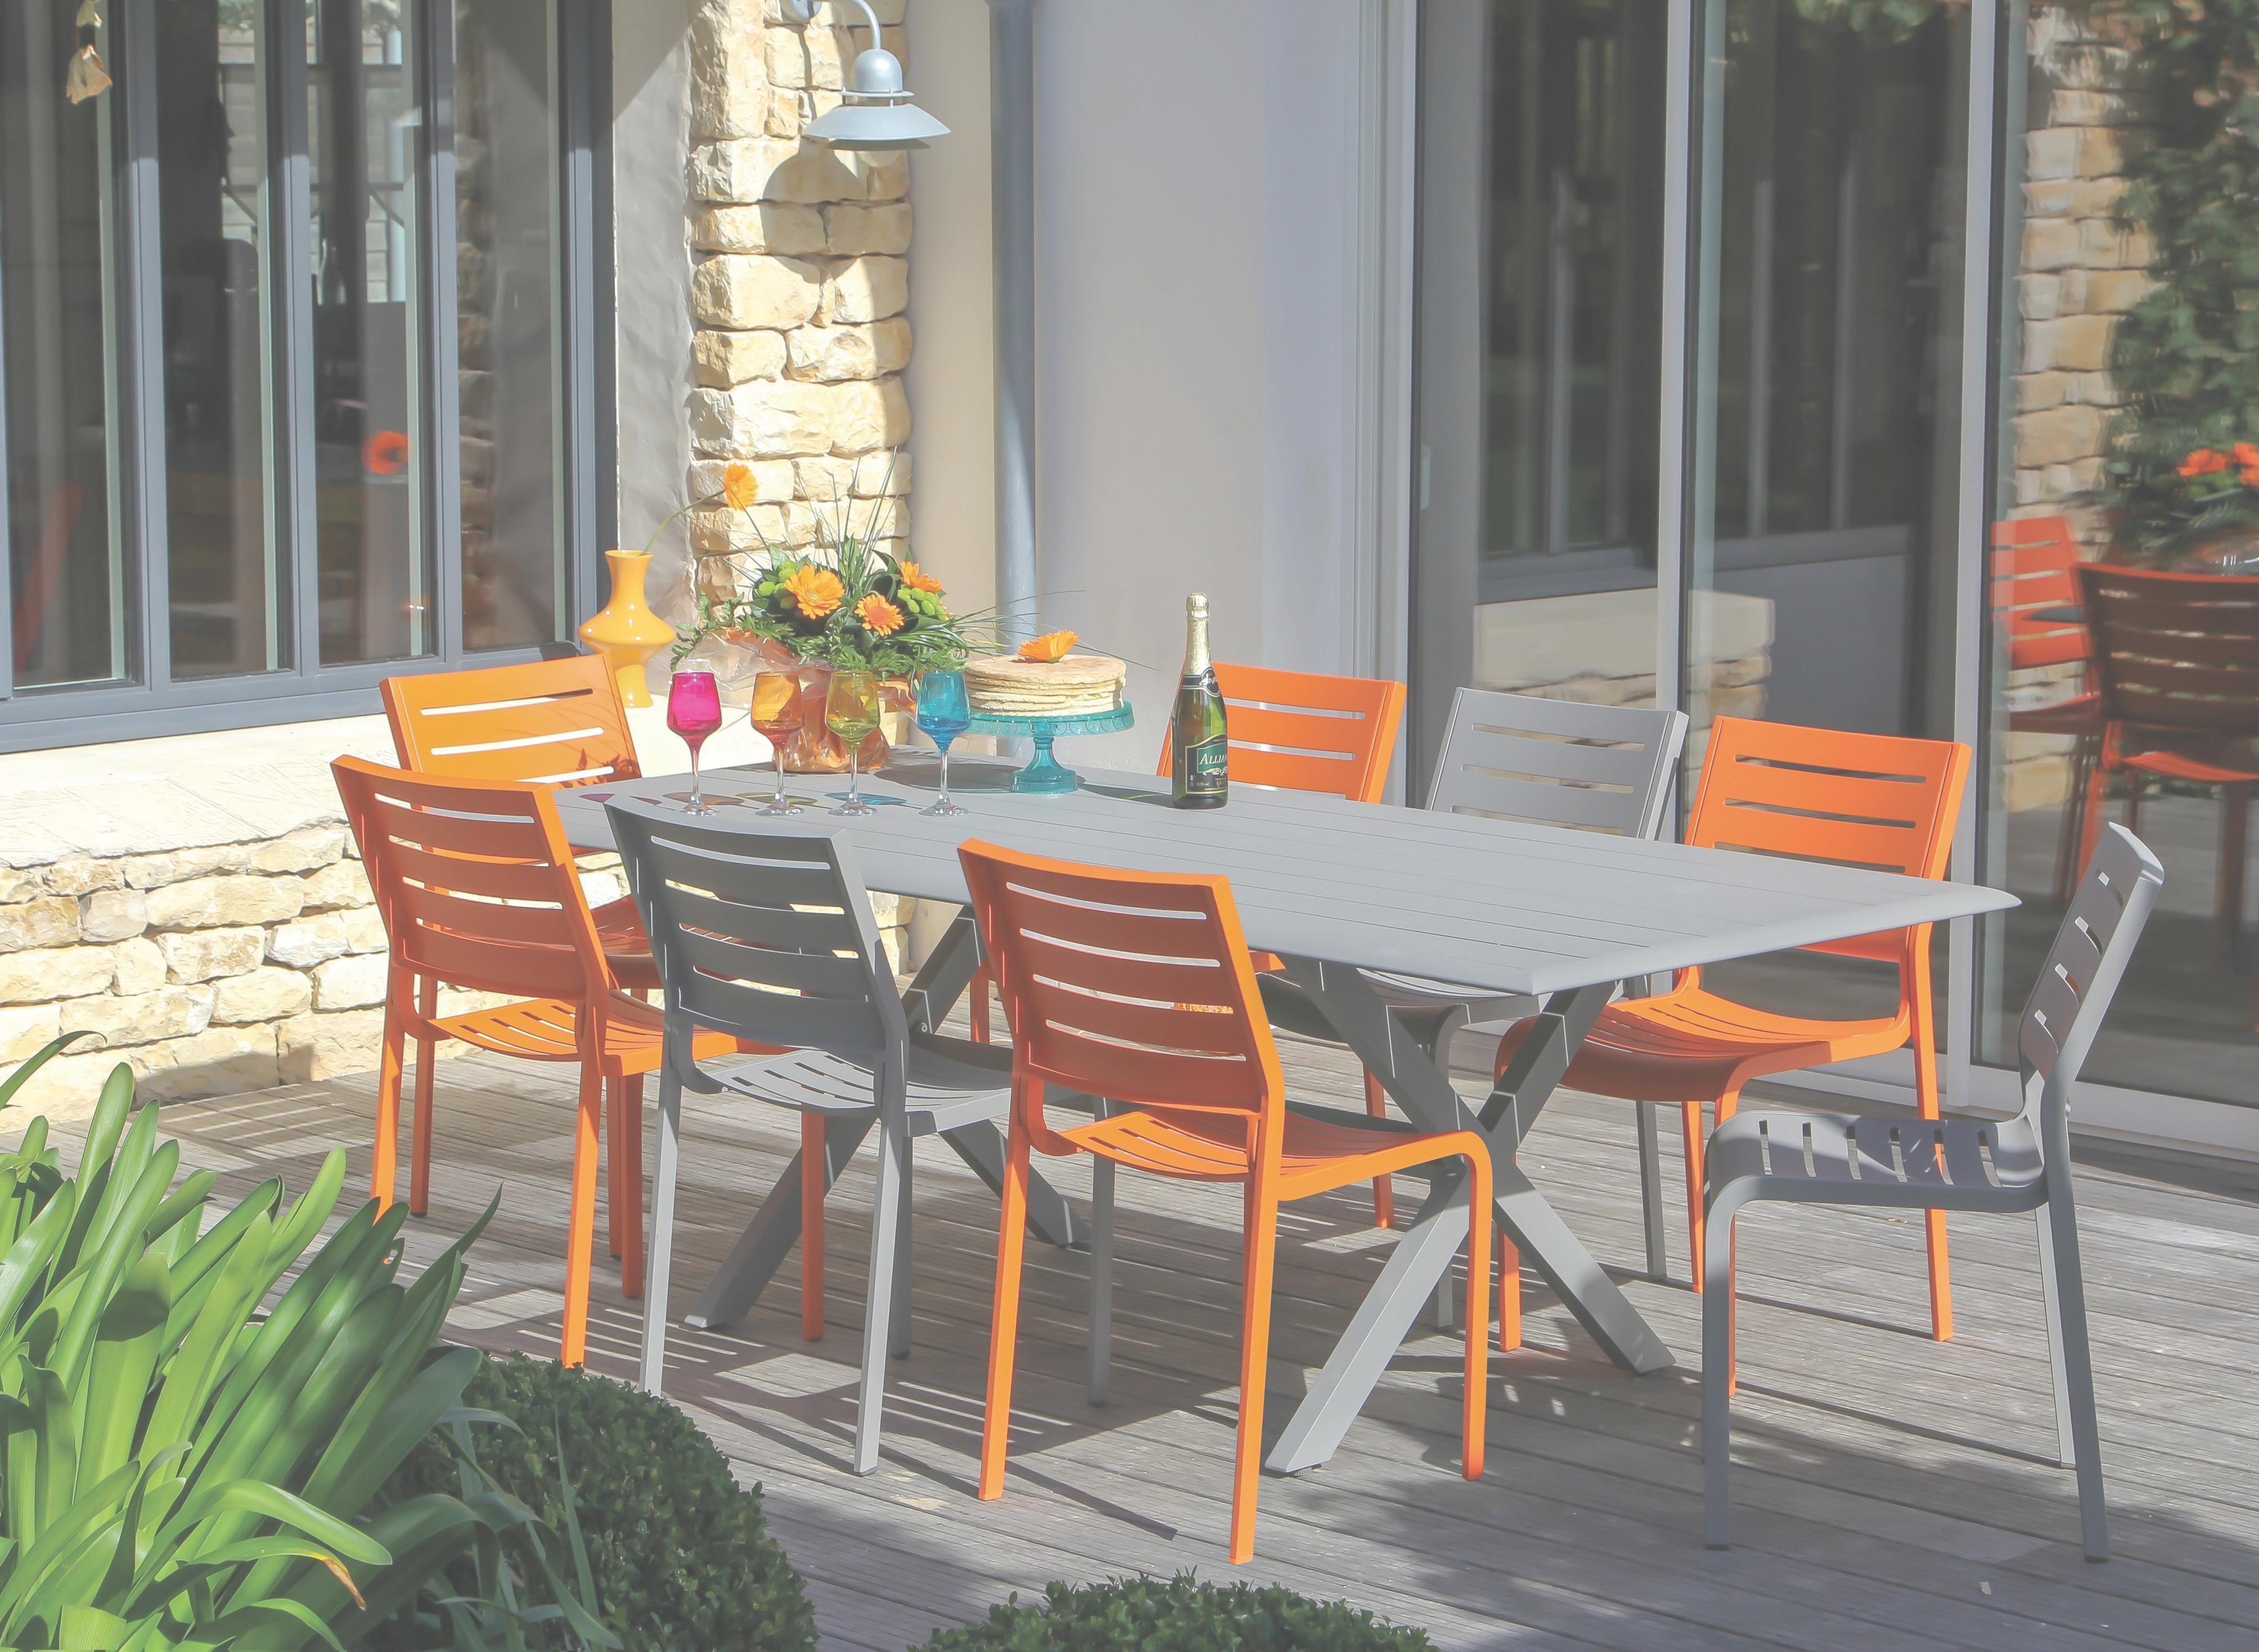 House Design Stunning De Ideas Salon Jardin Aluminium Proloisirs kOPw0n